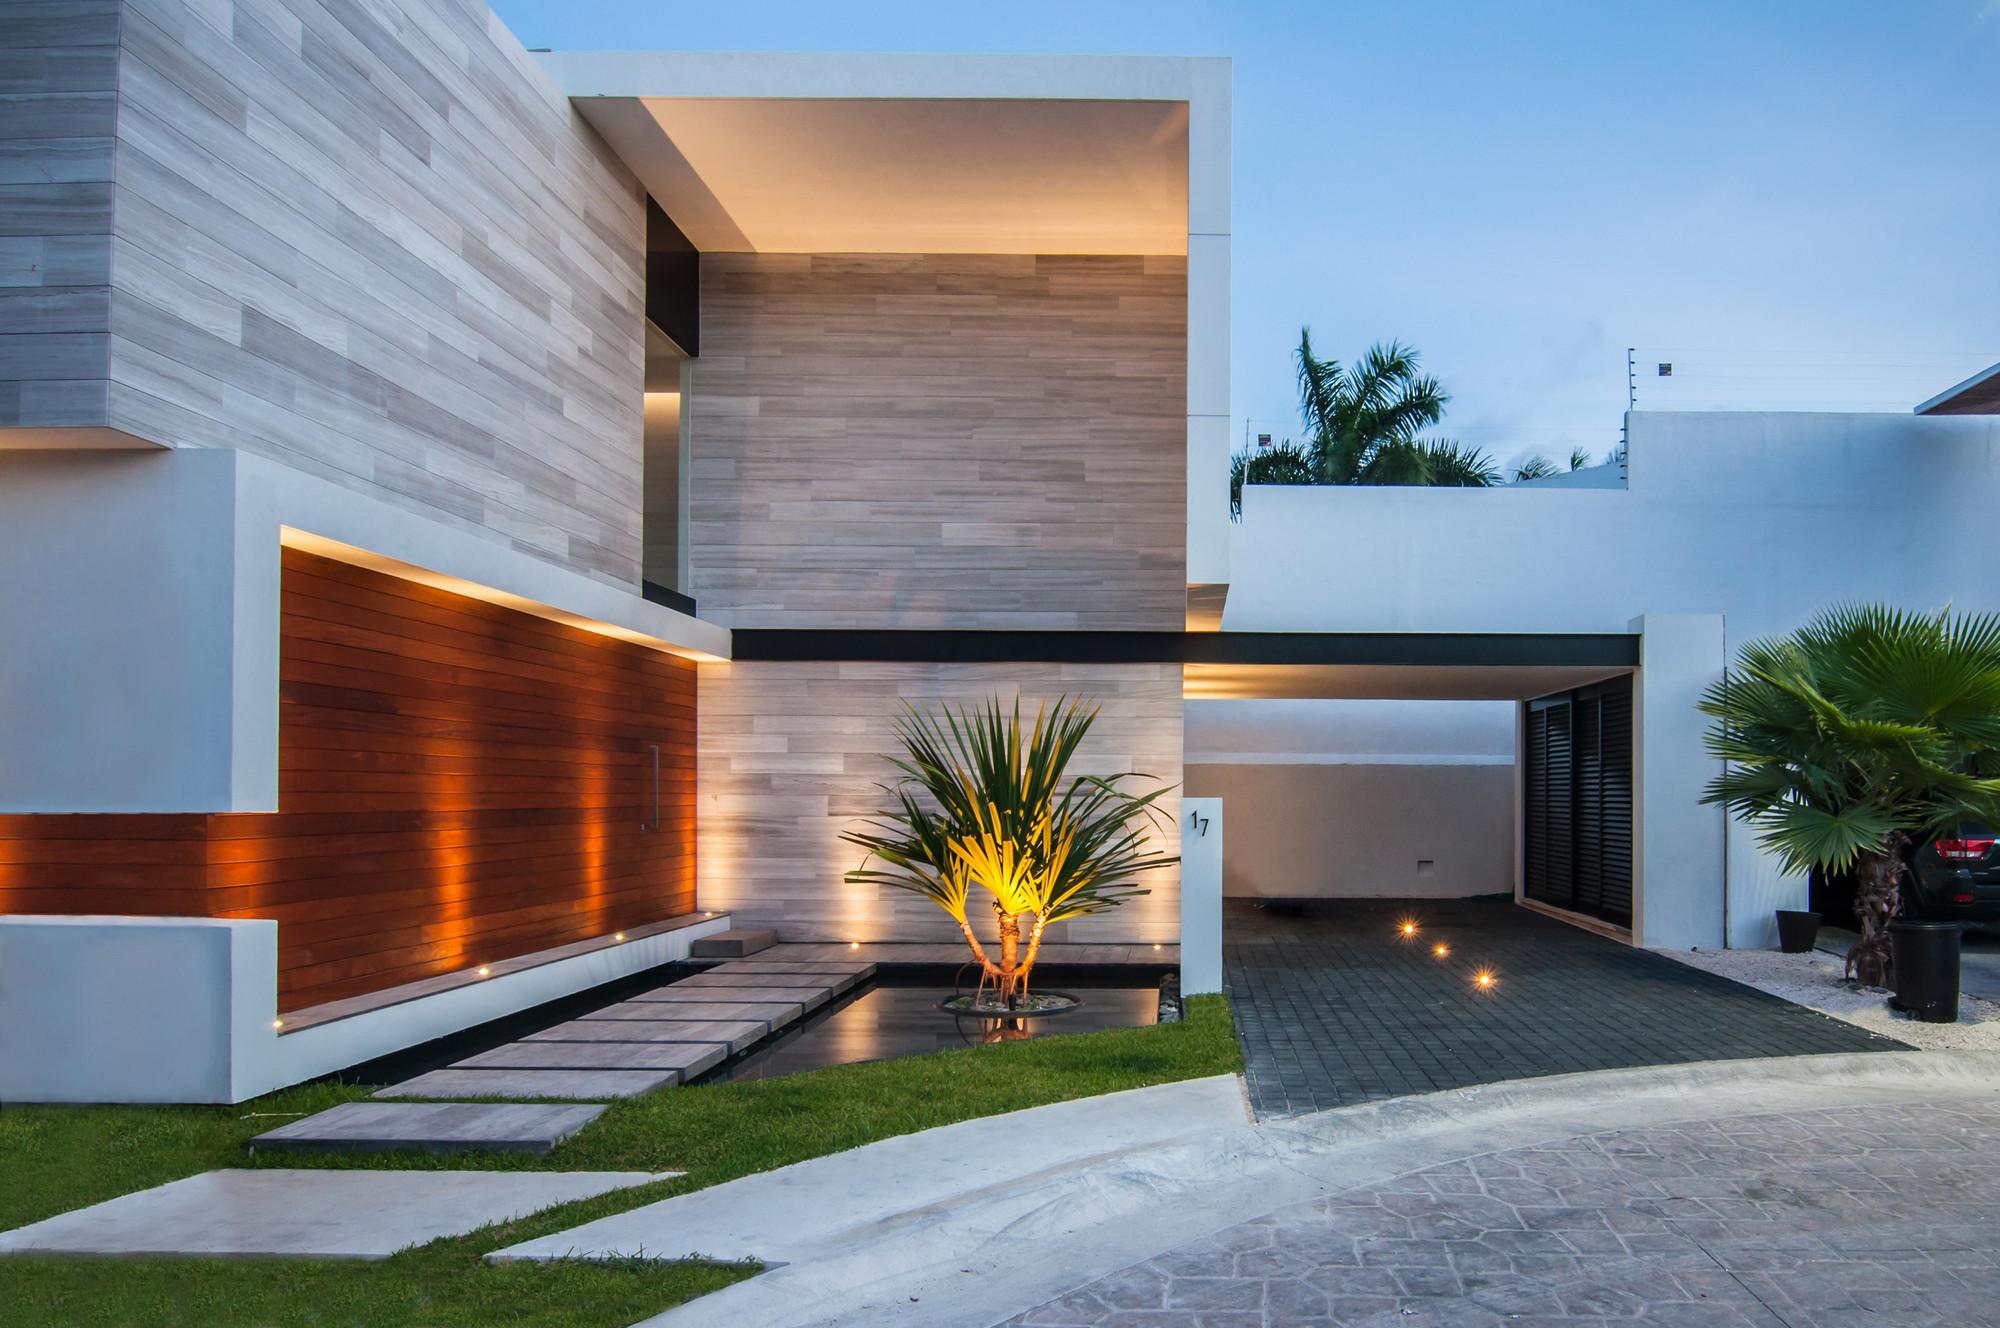 Galer a de casa paracaima taff arquitectos 5 - Arquitectos casas modernas ...